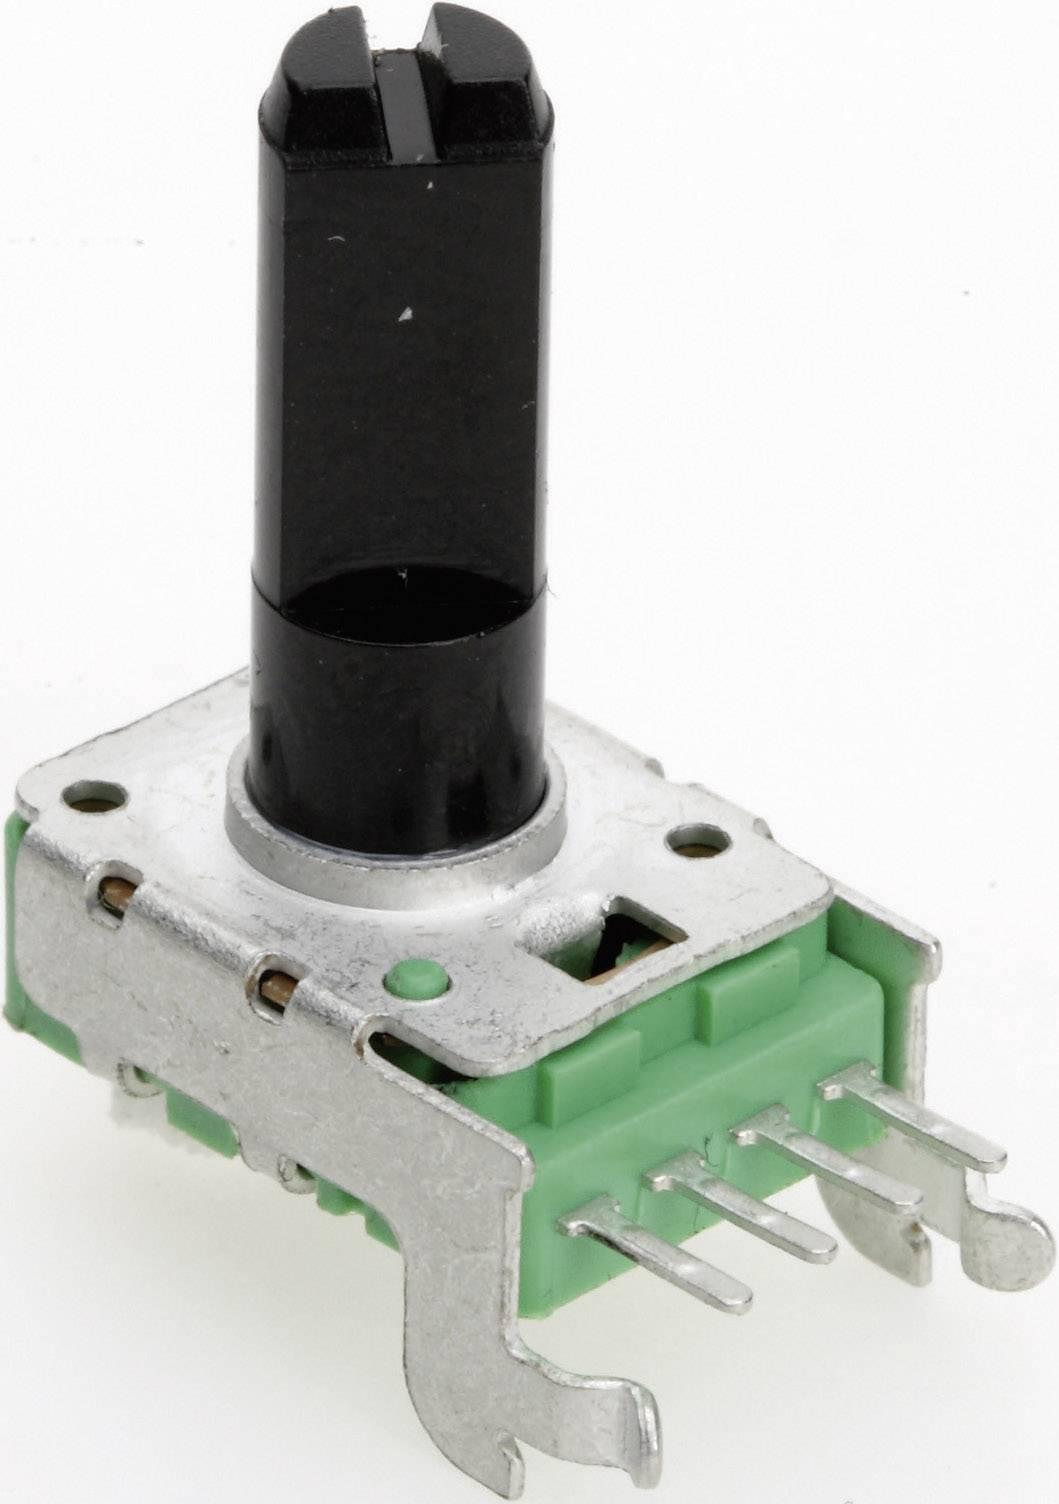 Vodivý plastový potenciometer mono TT Electronics AB P110KV-0F20 B-1 KR 4113601775, 1 kOhm, 1 ks